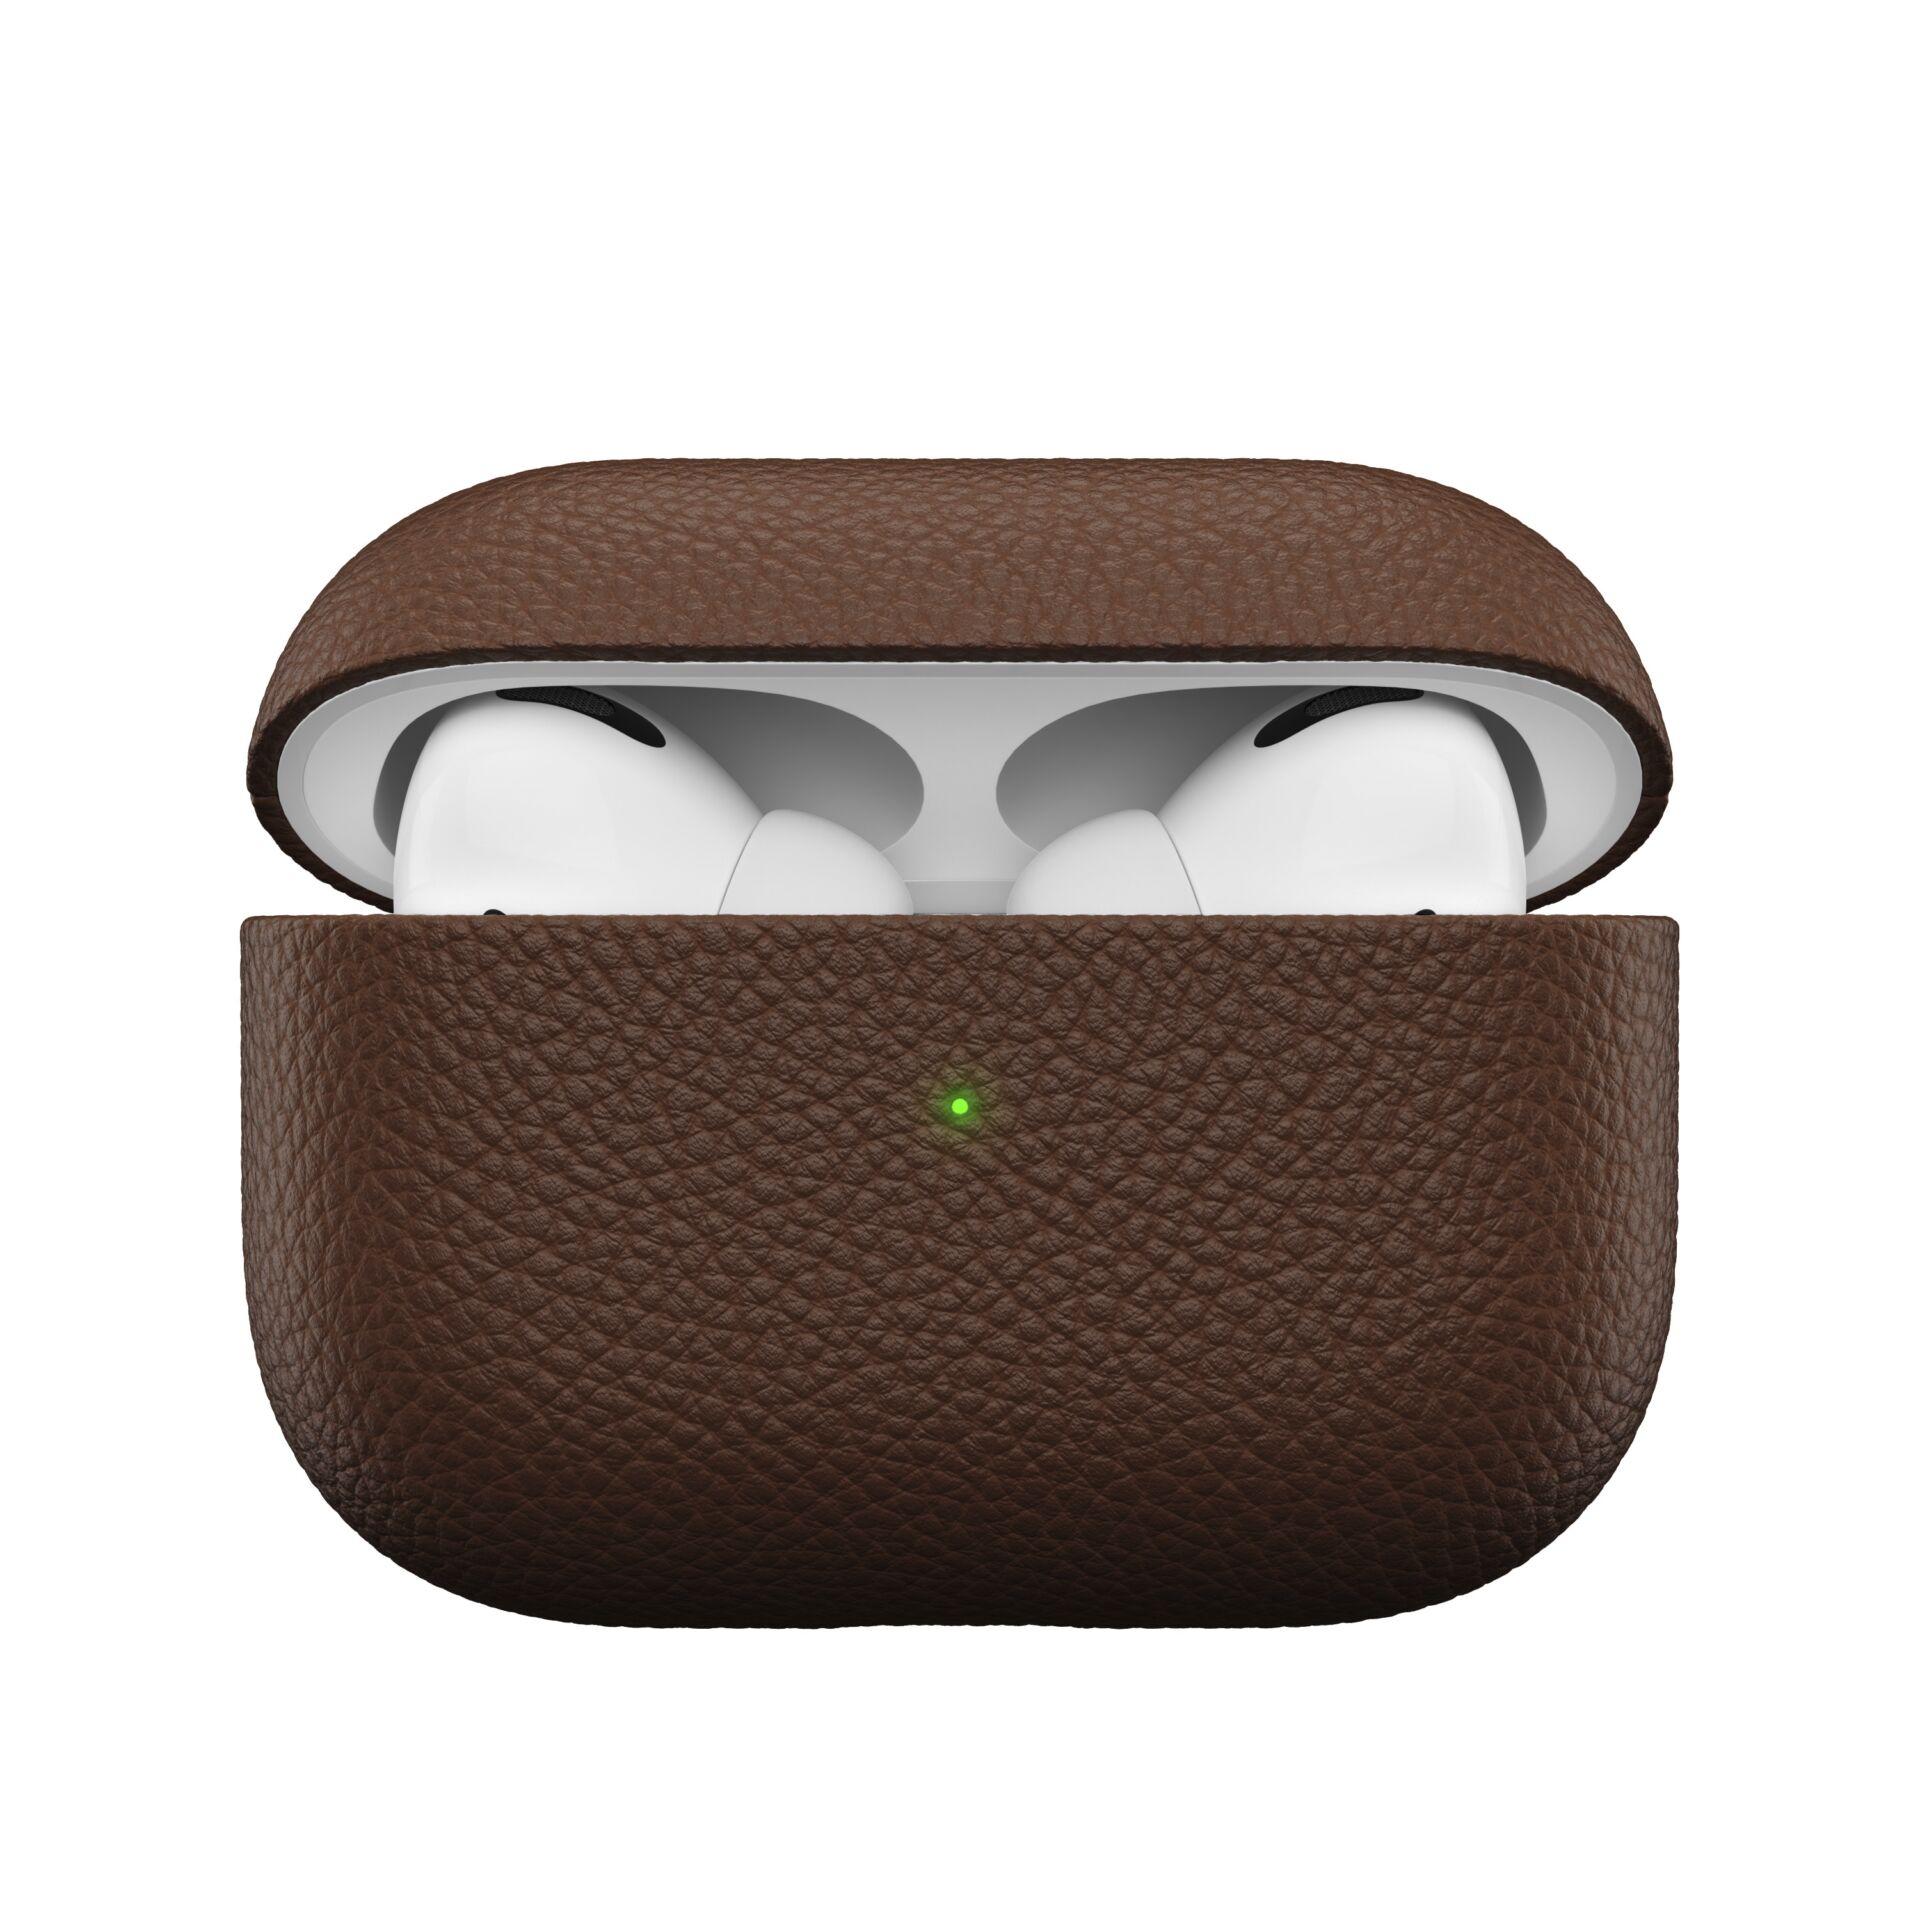 KeyBudz Artisan Series Leather AirPods Pro Case Natural Brown